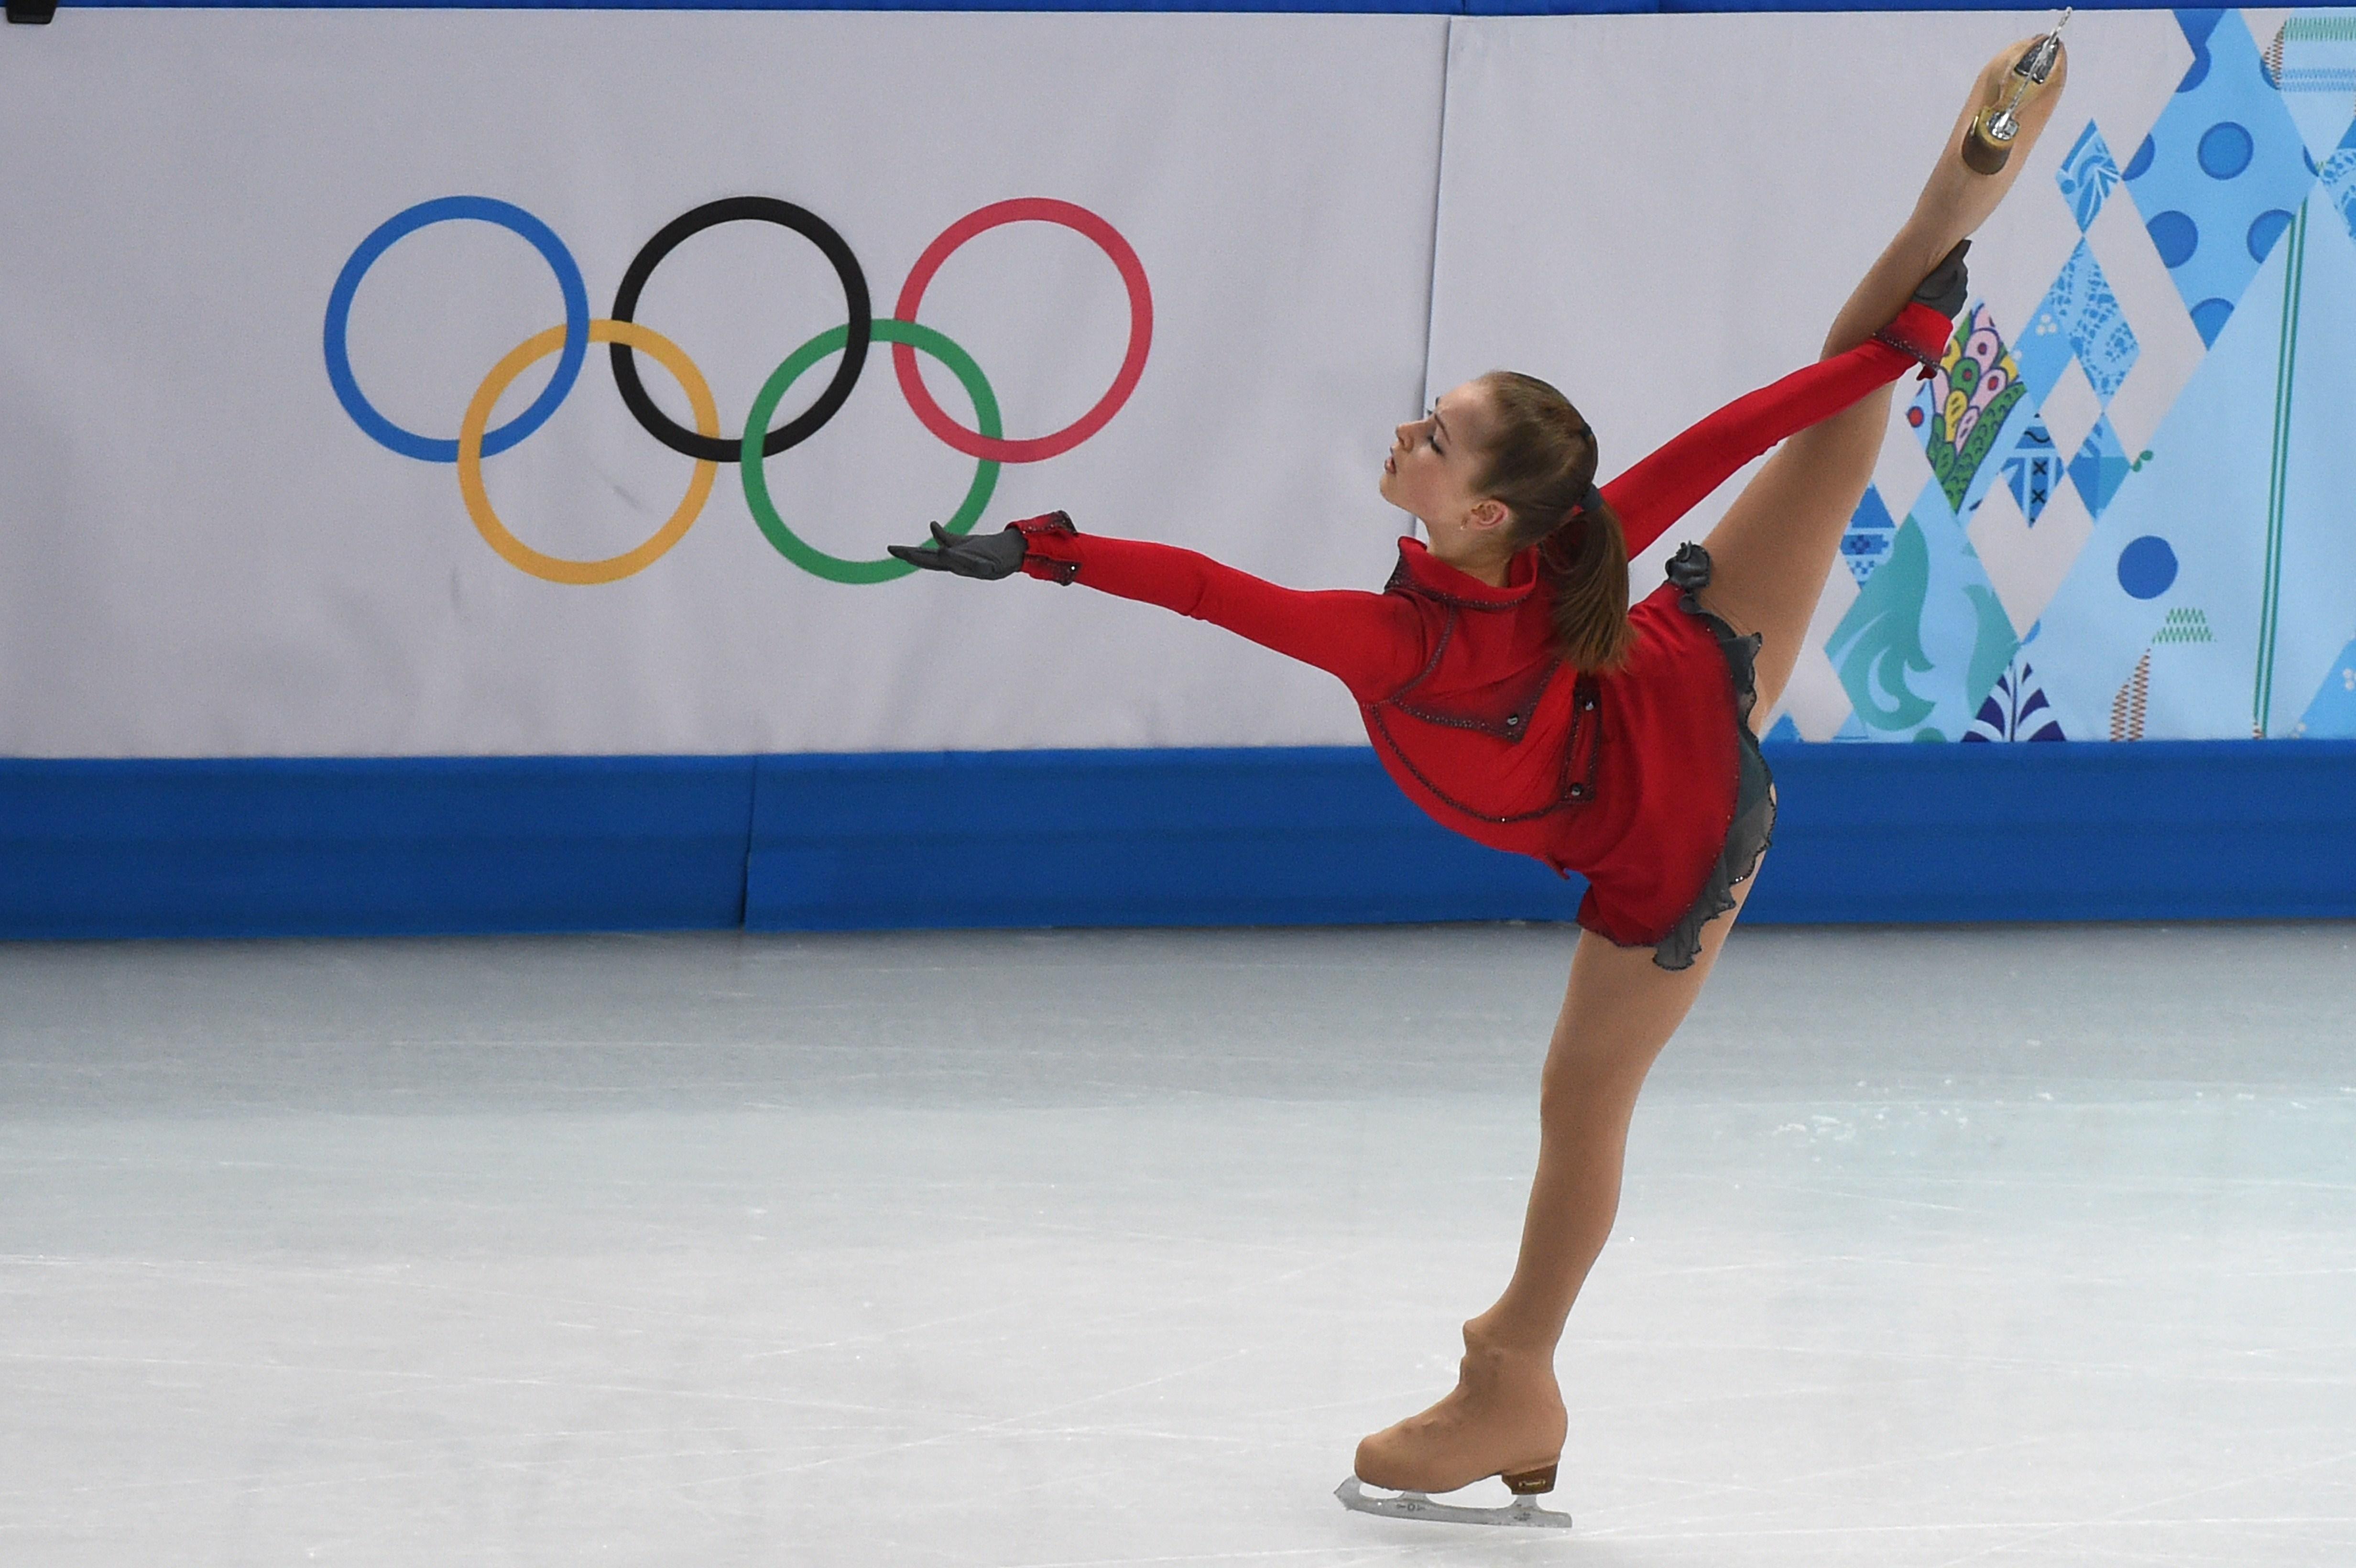 где будет проходить открытие олимпиады